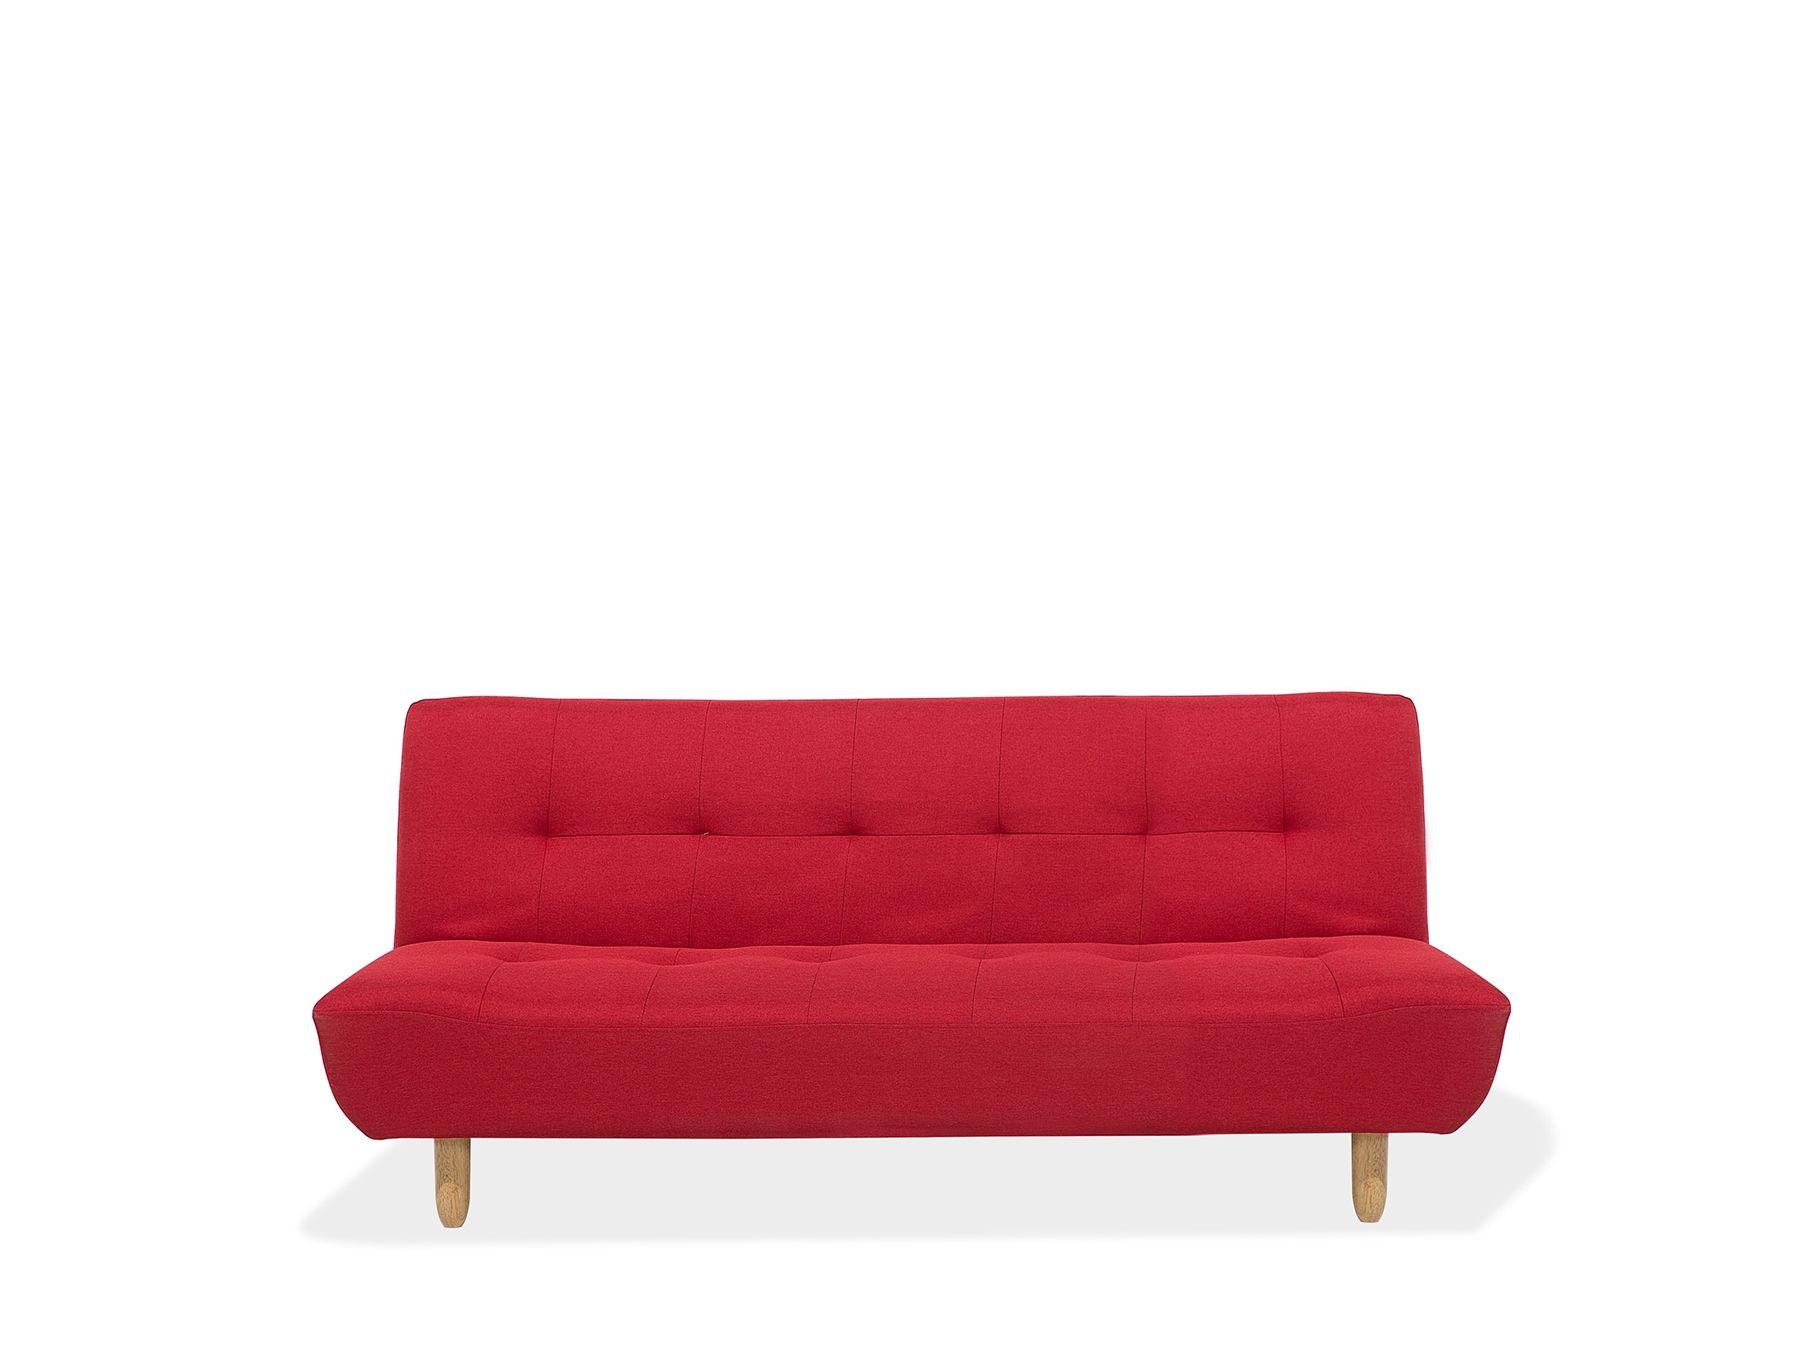 Full Size of 3 Sitzer Sofa Polsterbezug Rot Alsten Belianide Mit Schlaffunktion Federkern Big Leder Hocker Ohne Lehne Zweisitzer Englisches überzug Kare Relaxfunktion Sofa 3 Sitzer Sofa